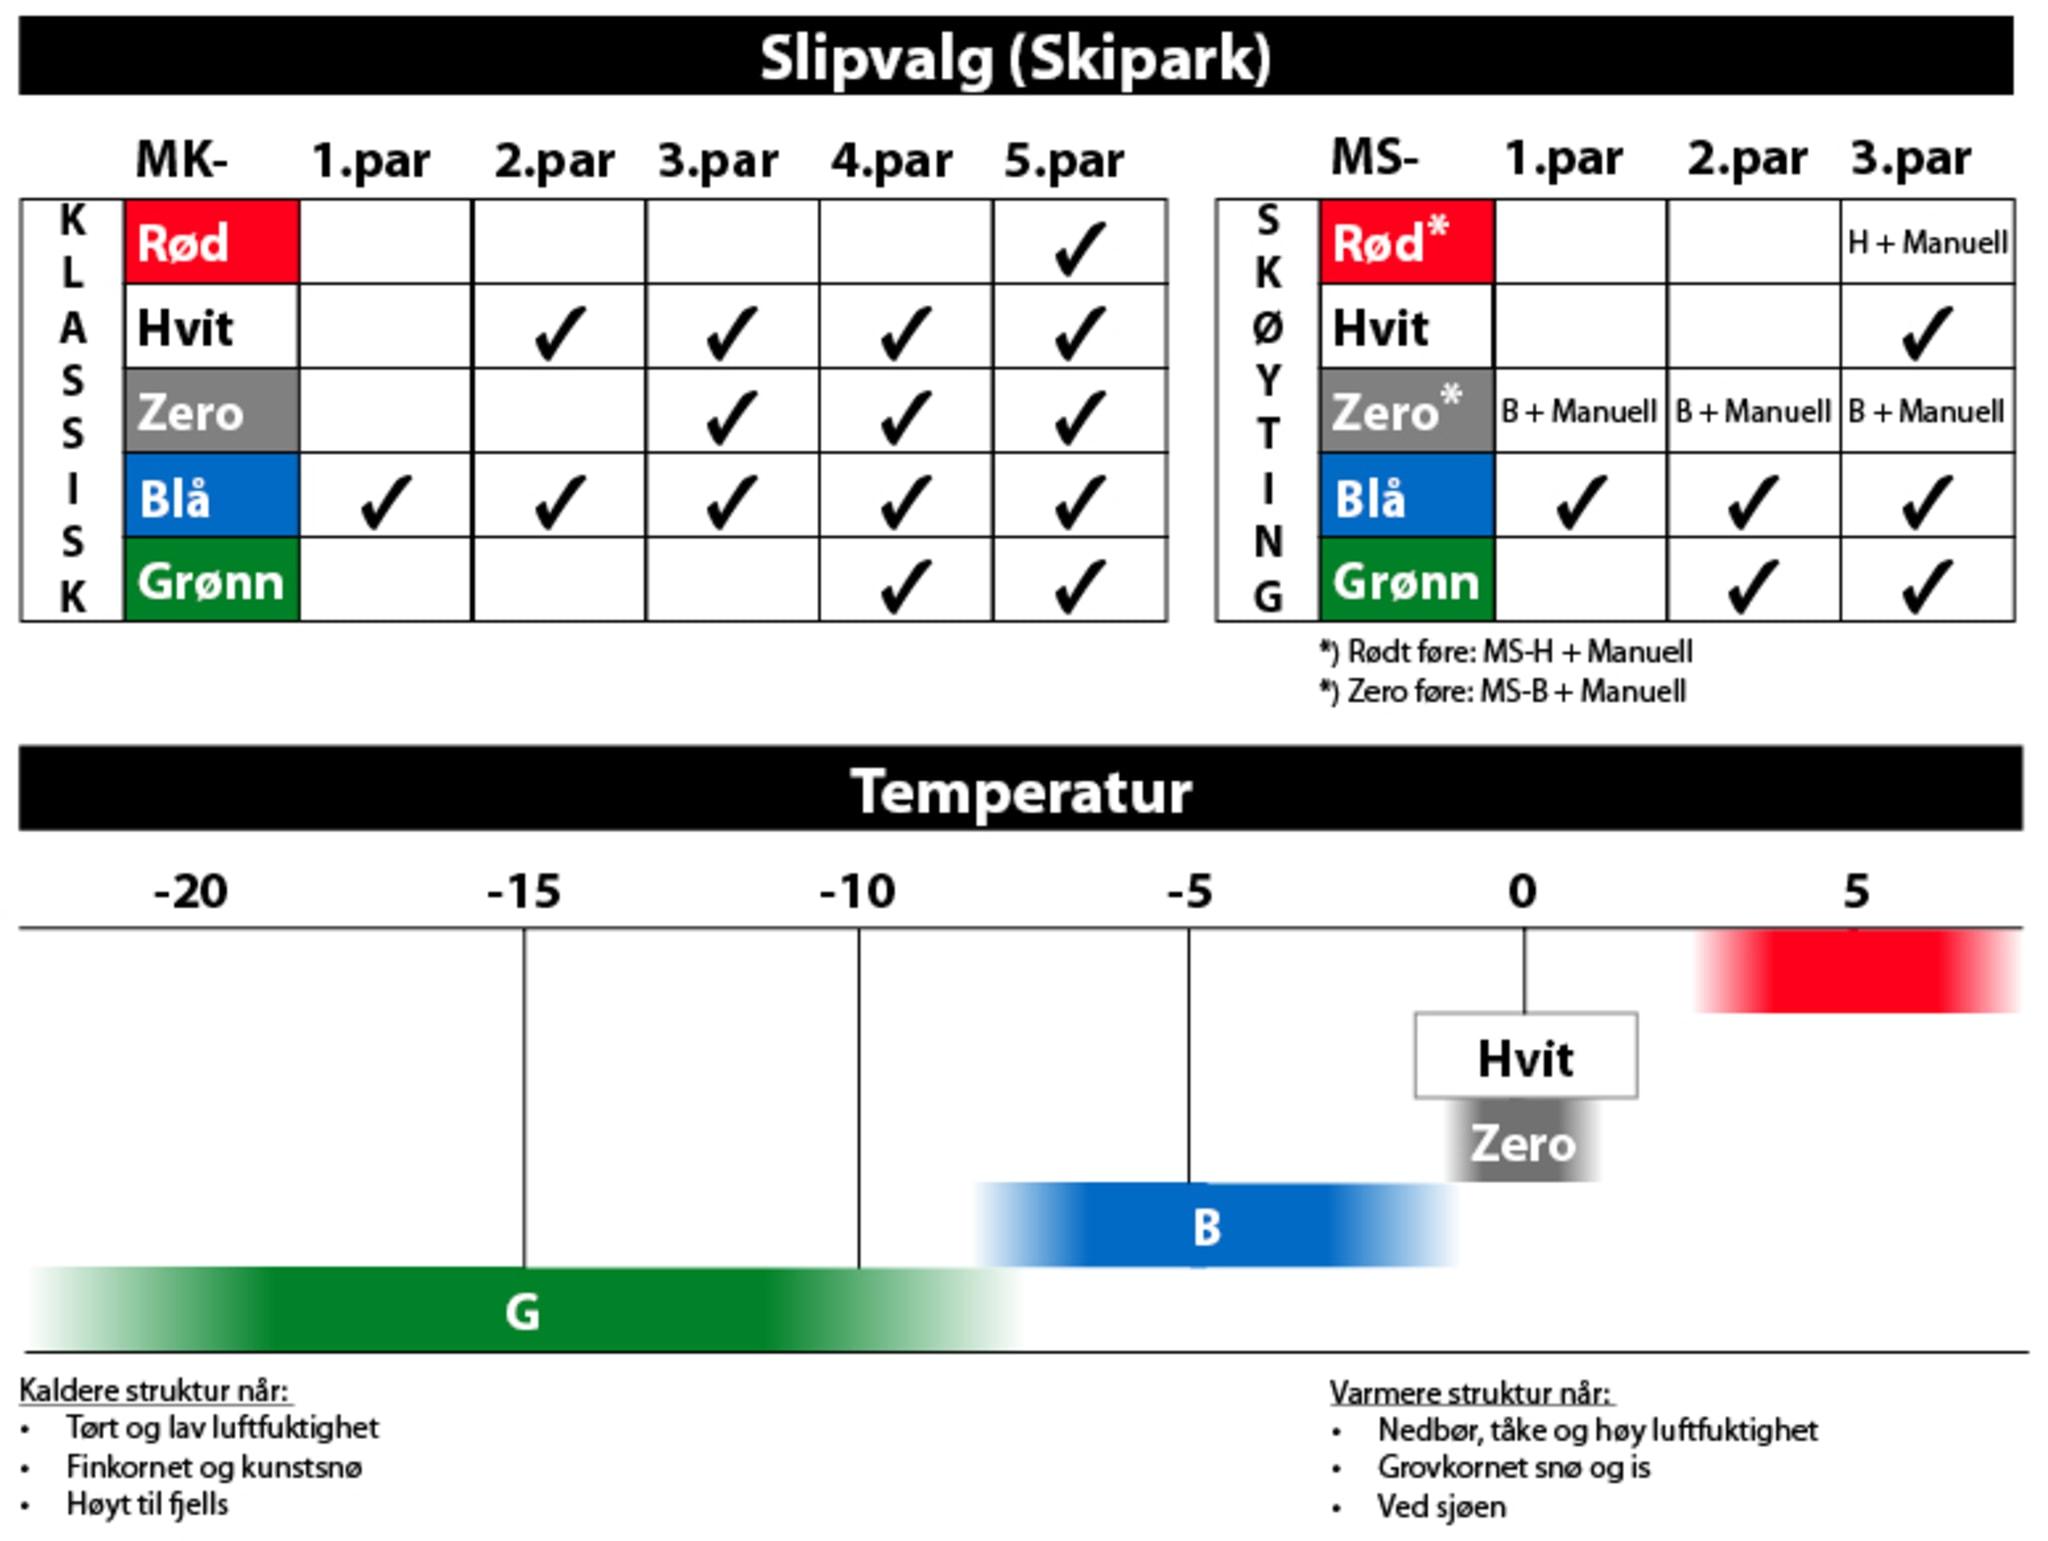 Milslukern Skate Slip Brukte Ski